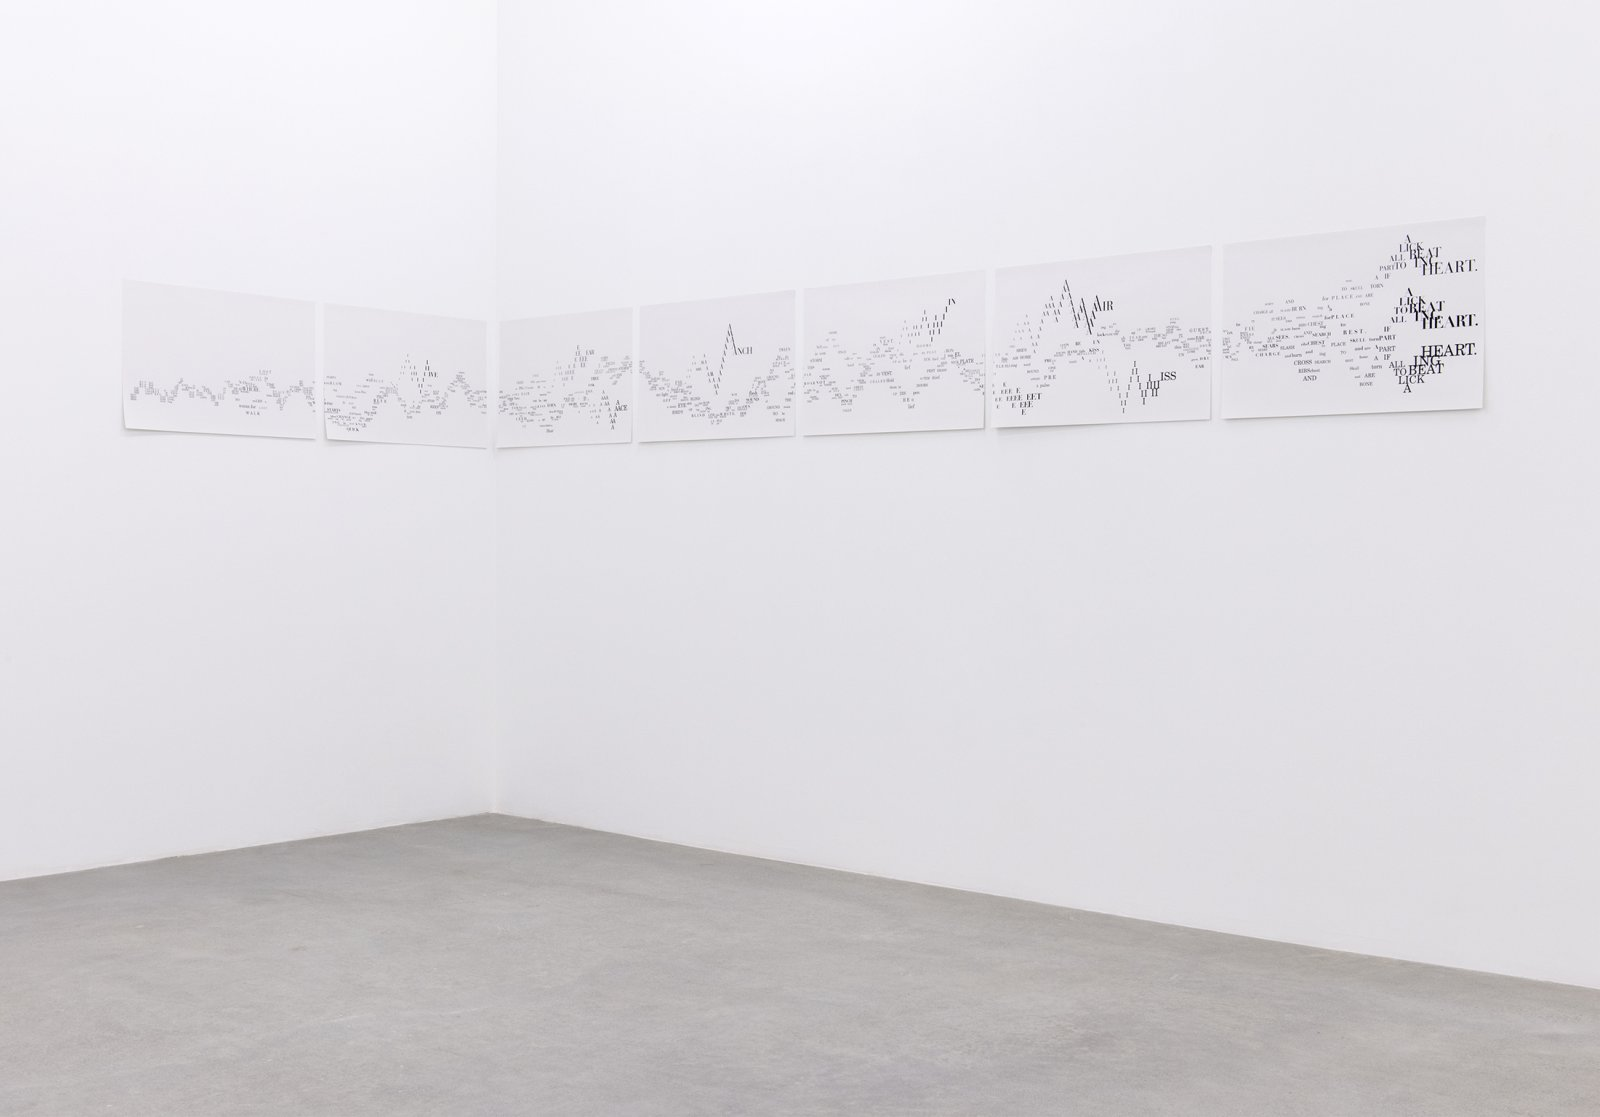 Janice Kerbel, Score, 'Strike', 2015, 7 silkscreen prints on paper, composition: 22 x 242 in. (56 x 616 cm), each sheet: 22 x 33 in. (56 x 84 cm)  by Janice Kerbel